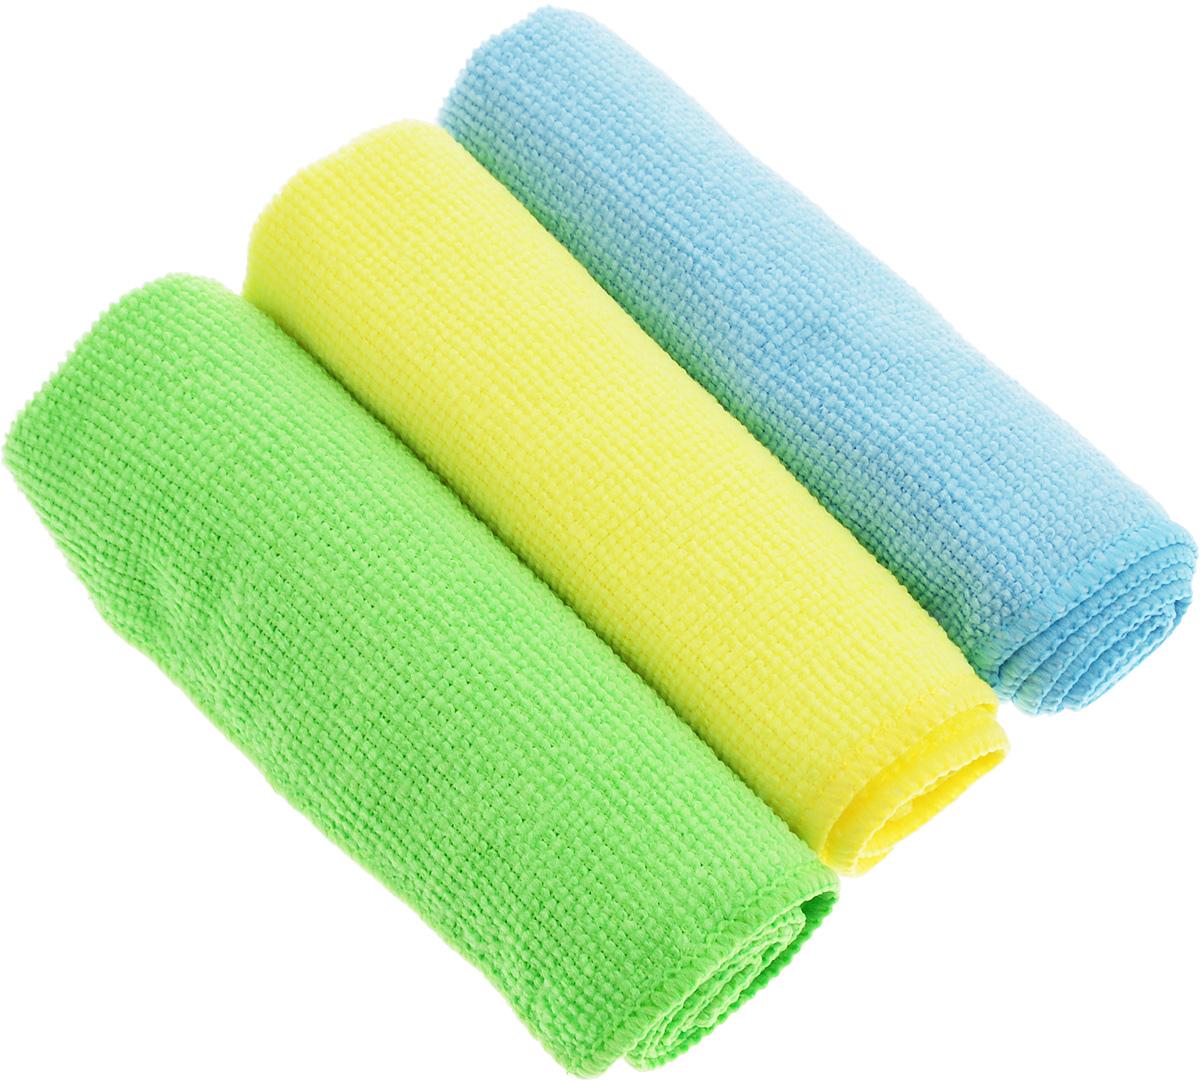 Набор салфеток для уборки Sol, из микрофибры, цвет: салатовый, желтый, голубой, 30 x 30 см, 3 шт10035_салатовый, желтый, голубойНабор салфеток Sol выполнен из микрофибры. Микрофибра - это ткань из тонких микроволокон, которая эффективно очищает поверхности благодаря капиллярному эффекту между ними. Такая салфетка может использоваться как для сухой, так и для влажной уборки. Деликатно очищает любые поверхности, не оставляя следов и разводов. Идеально подходит для протирки полированной мебели. Сохраняет свои свойства после стирки.